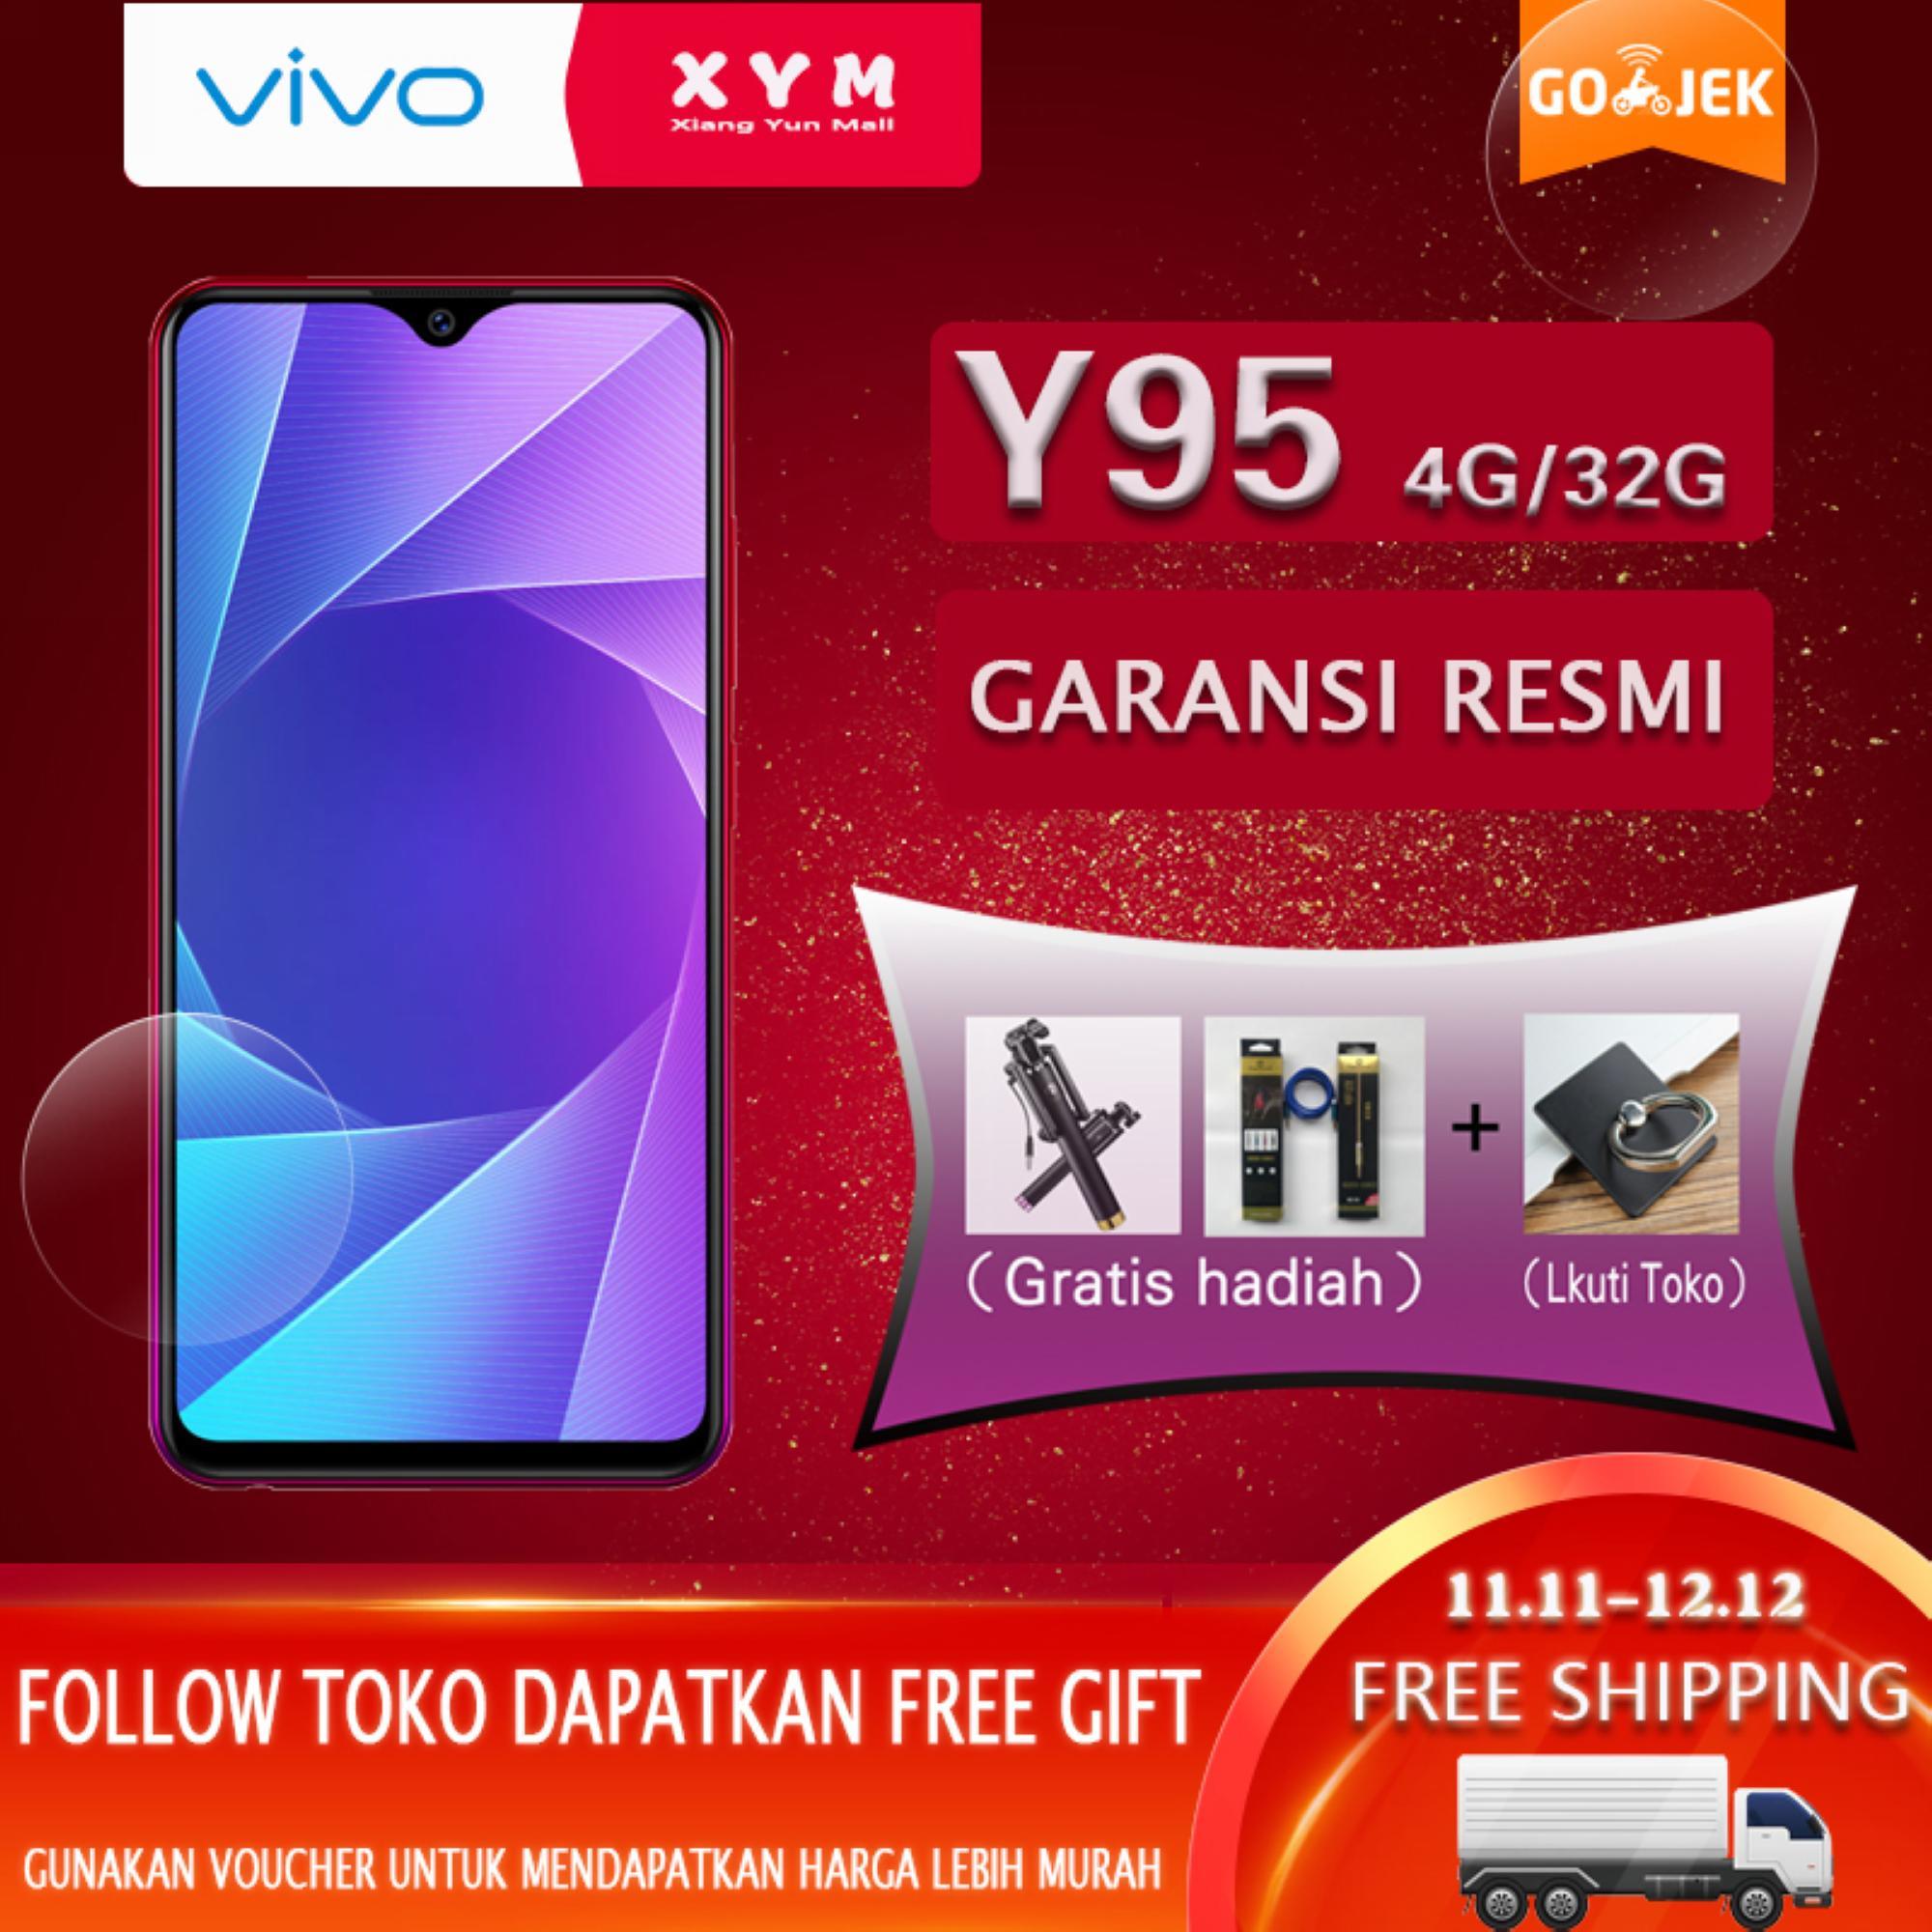 Handphone Smartphone Vivo Terbaru V5 Plus 64 Gb Edition Garansi Resmi 1 Tahun Y95 4gb 32gb Halo Fullview Display 4030mah Battery